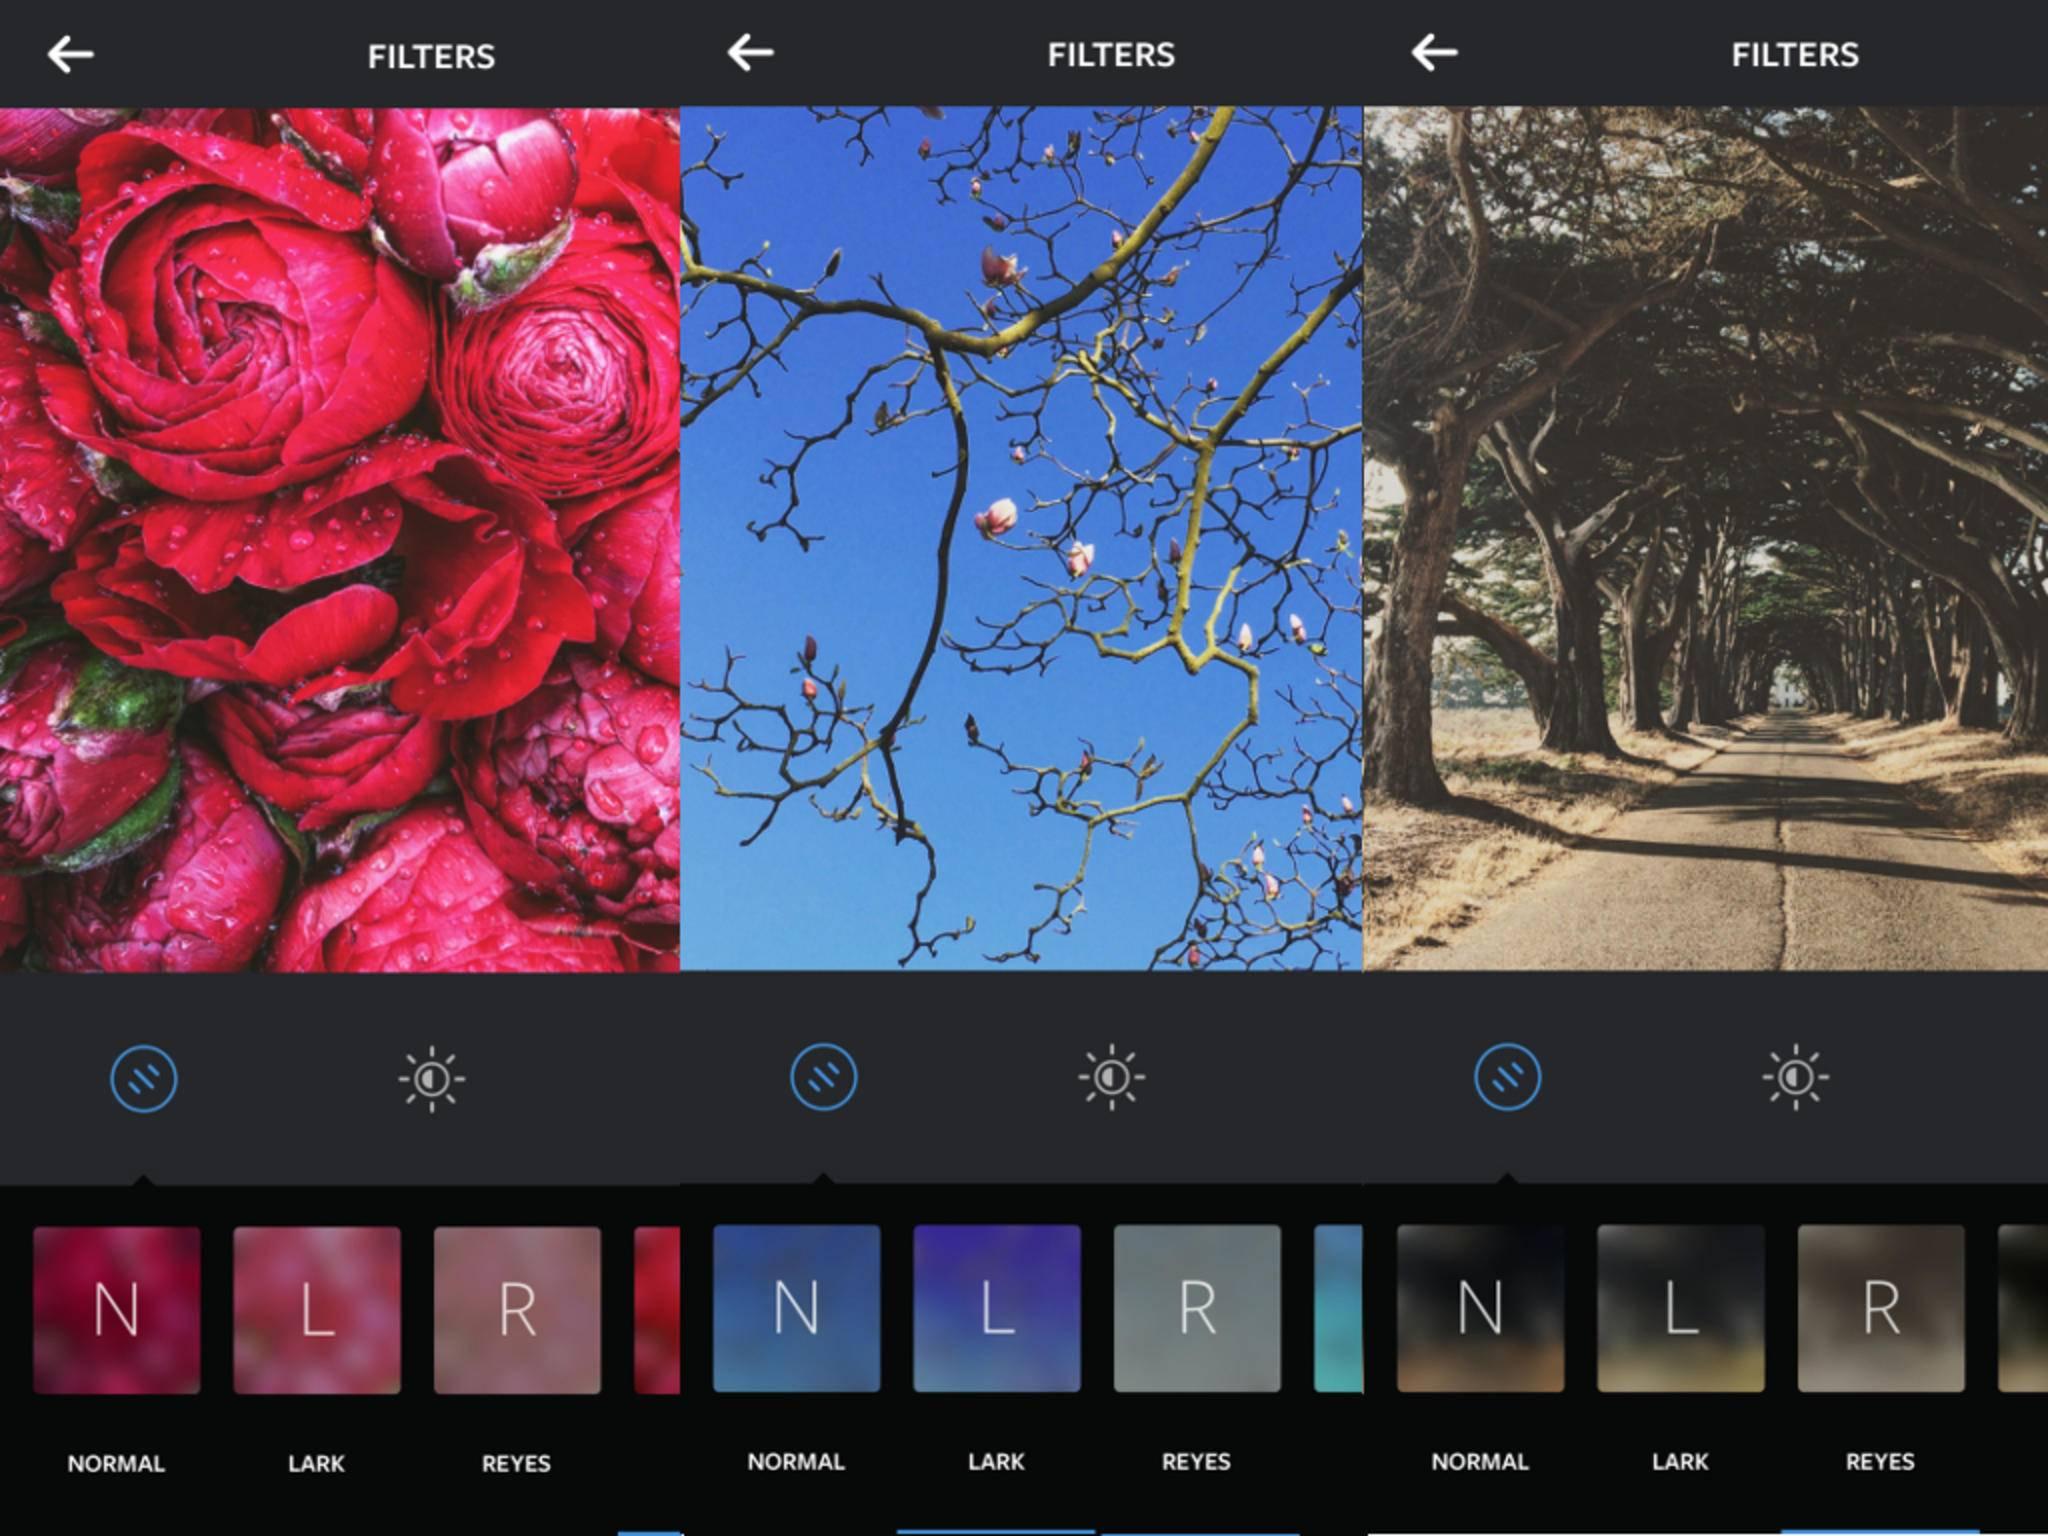 Die drei neuen Instagram-Filter heißen Lark, Reyes und Juno.